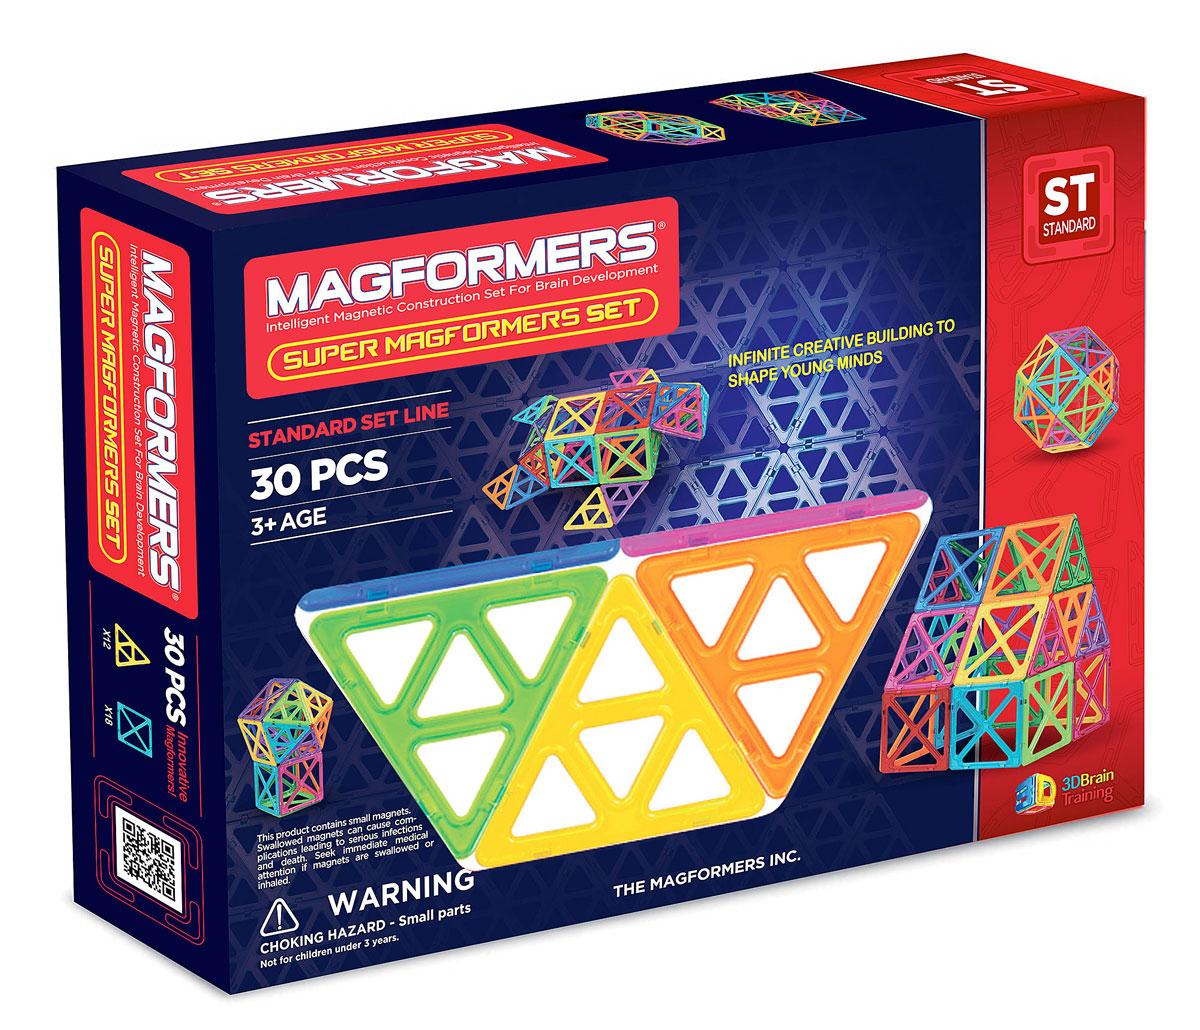 Magformers Магнитный конструктор Набор Супер - 3063078Набор Super Magformers 30 оправдывает своё название. Он состоит из супер квадратов и супер треугольников. Все привычные постройки станут намного больше! Набор состоит из 30 деталей: 12 супертреугольников и 18 суперквадратов. В один большой квадрат помещаются 4 обычных, а в один большой треугольник 4 обычных треугольника. Только представьте, что все стандартные постройки Вашего малыша увеличатся в размере в четыре раза! Без сомнения, набор понравится любому ребенку, ведь так интересно построить башню, которая будет ростом с него, или огромный шар. Ну, и ещё очень важная вещь - без этих громадных фигур Вашему ребенку не построить заветную Эйфелеву башню. Набор станет прекрасным подарком любому ребёнку. Все детали в конструкторах Magformers совместимы, независимо от размера, что позволяет делать интересные комбинации с другими наборами Magformers.